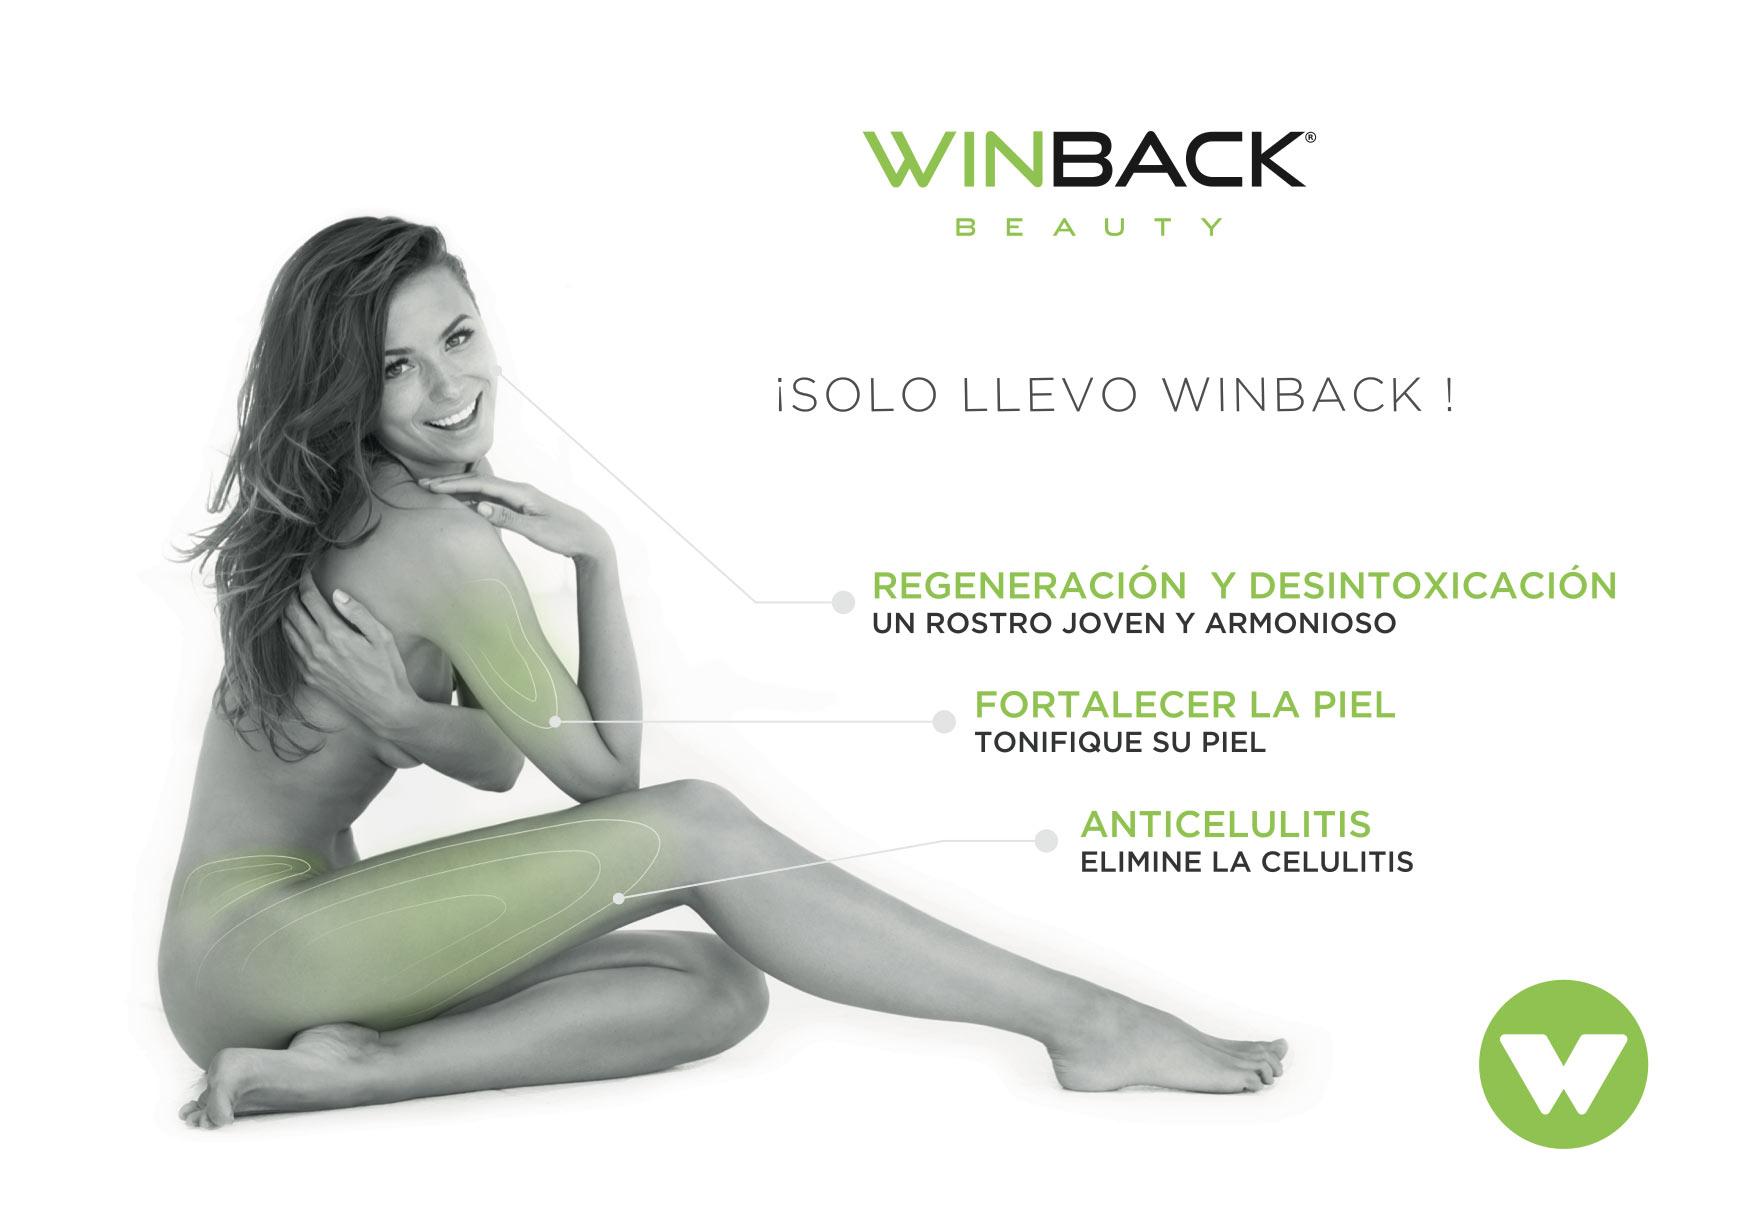 Winback Tecnologia